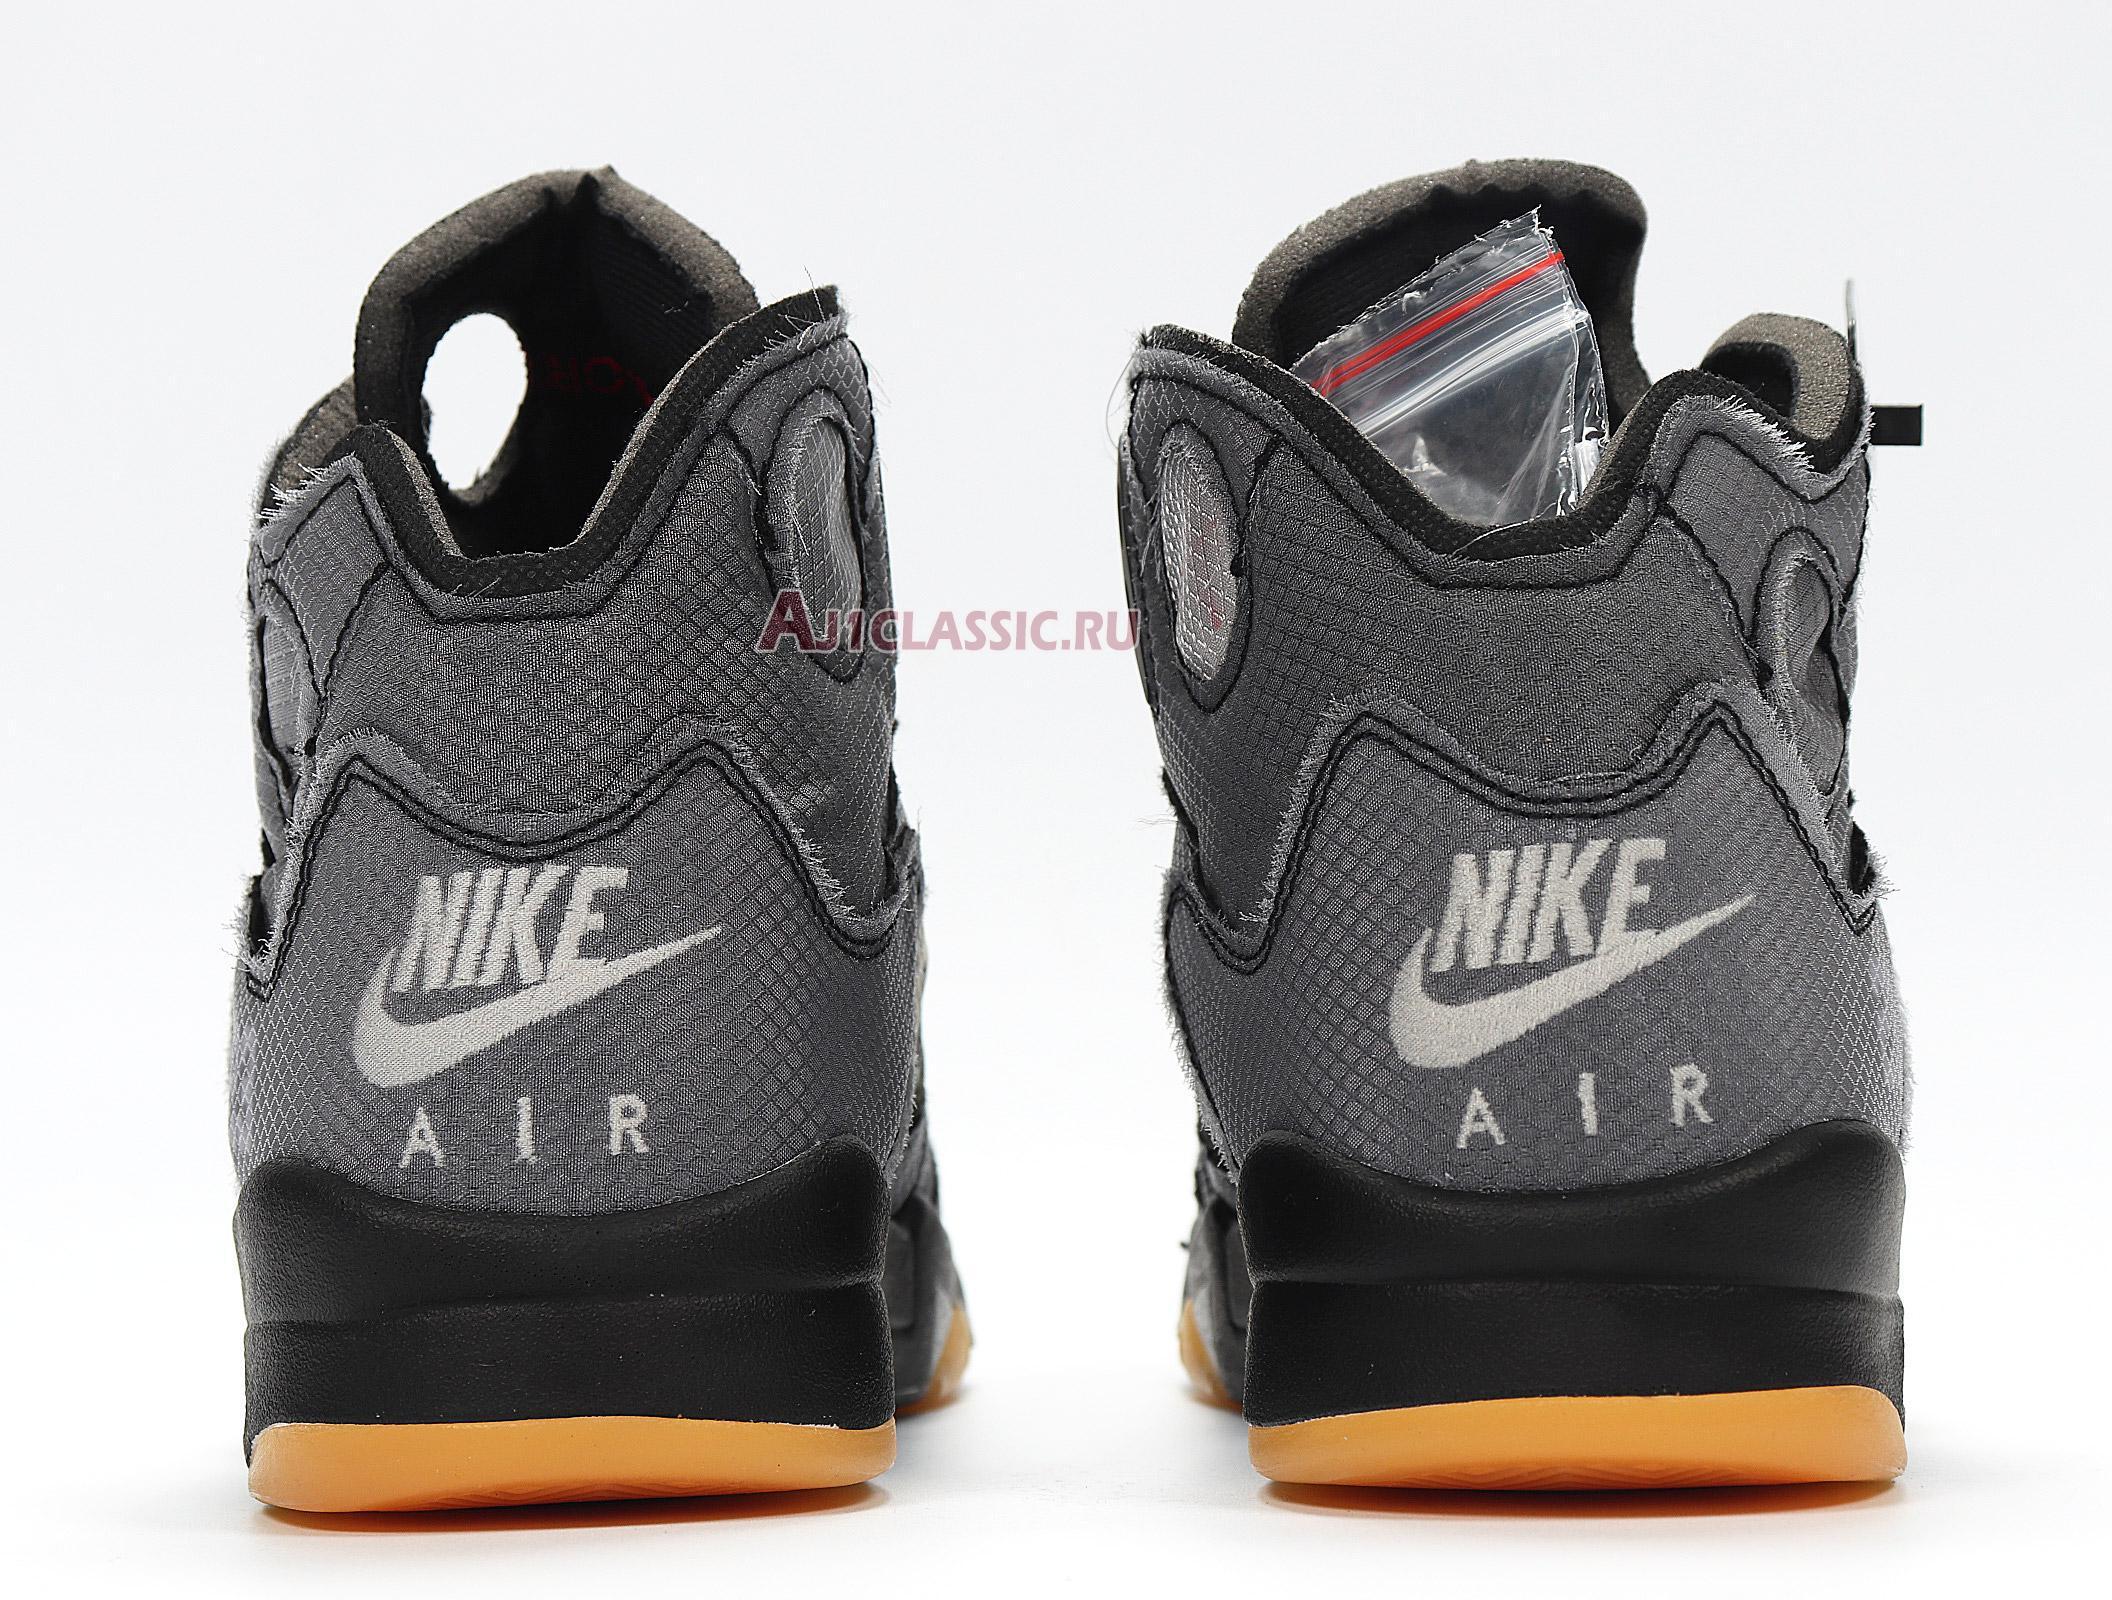 """Off-White x Air Jordan 5 Retro SP """"Muslin"""" CT8480-001"""